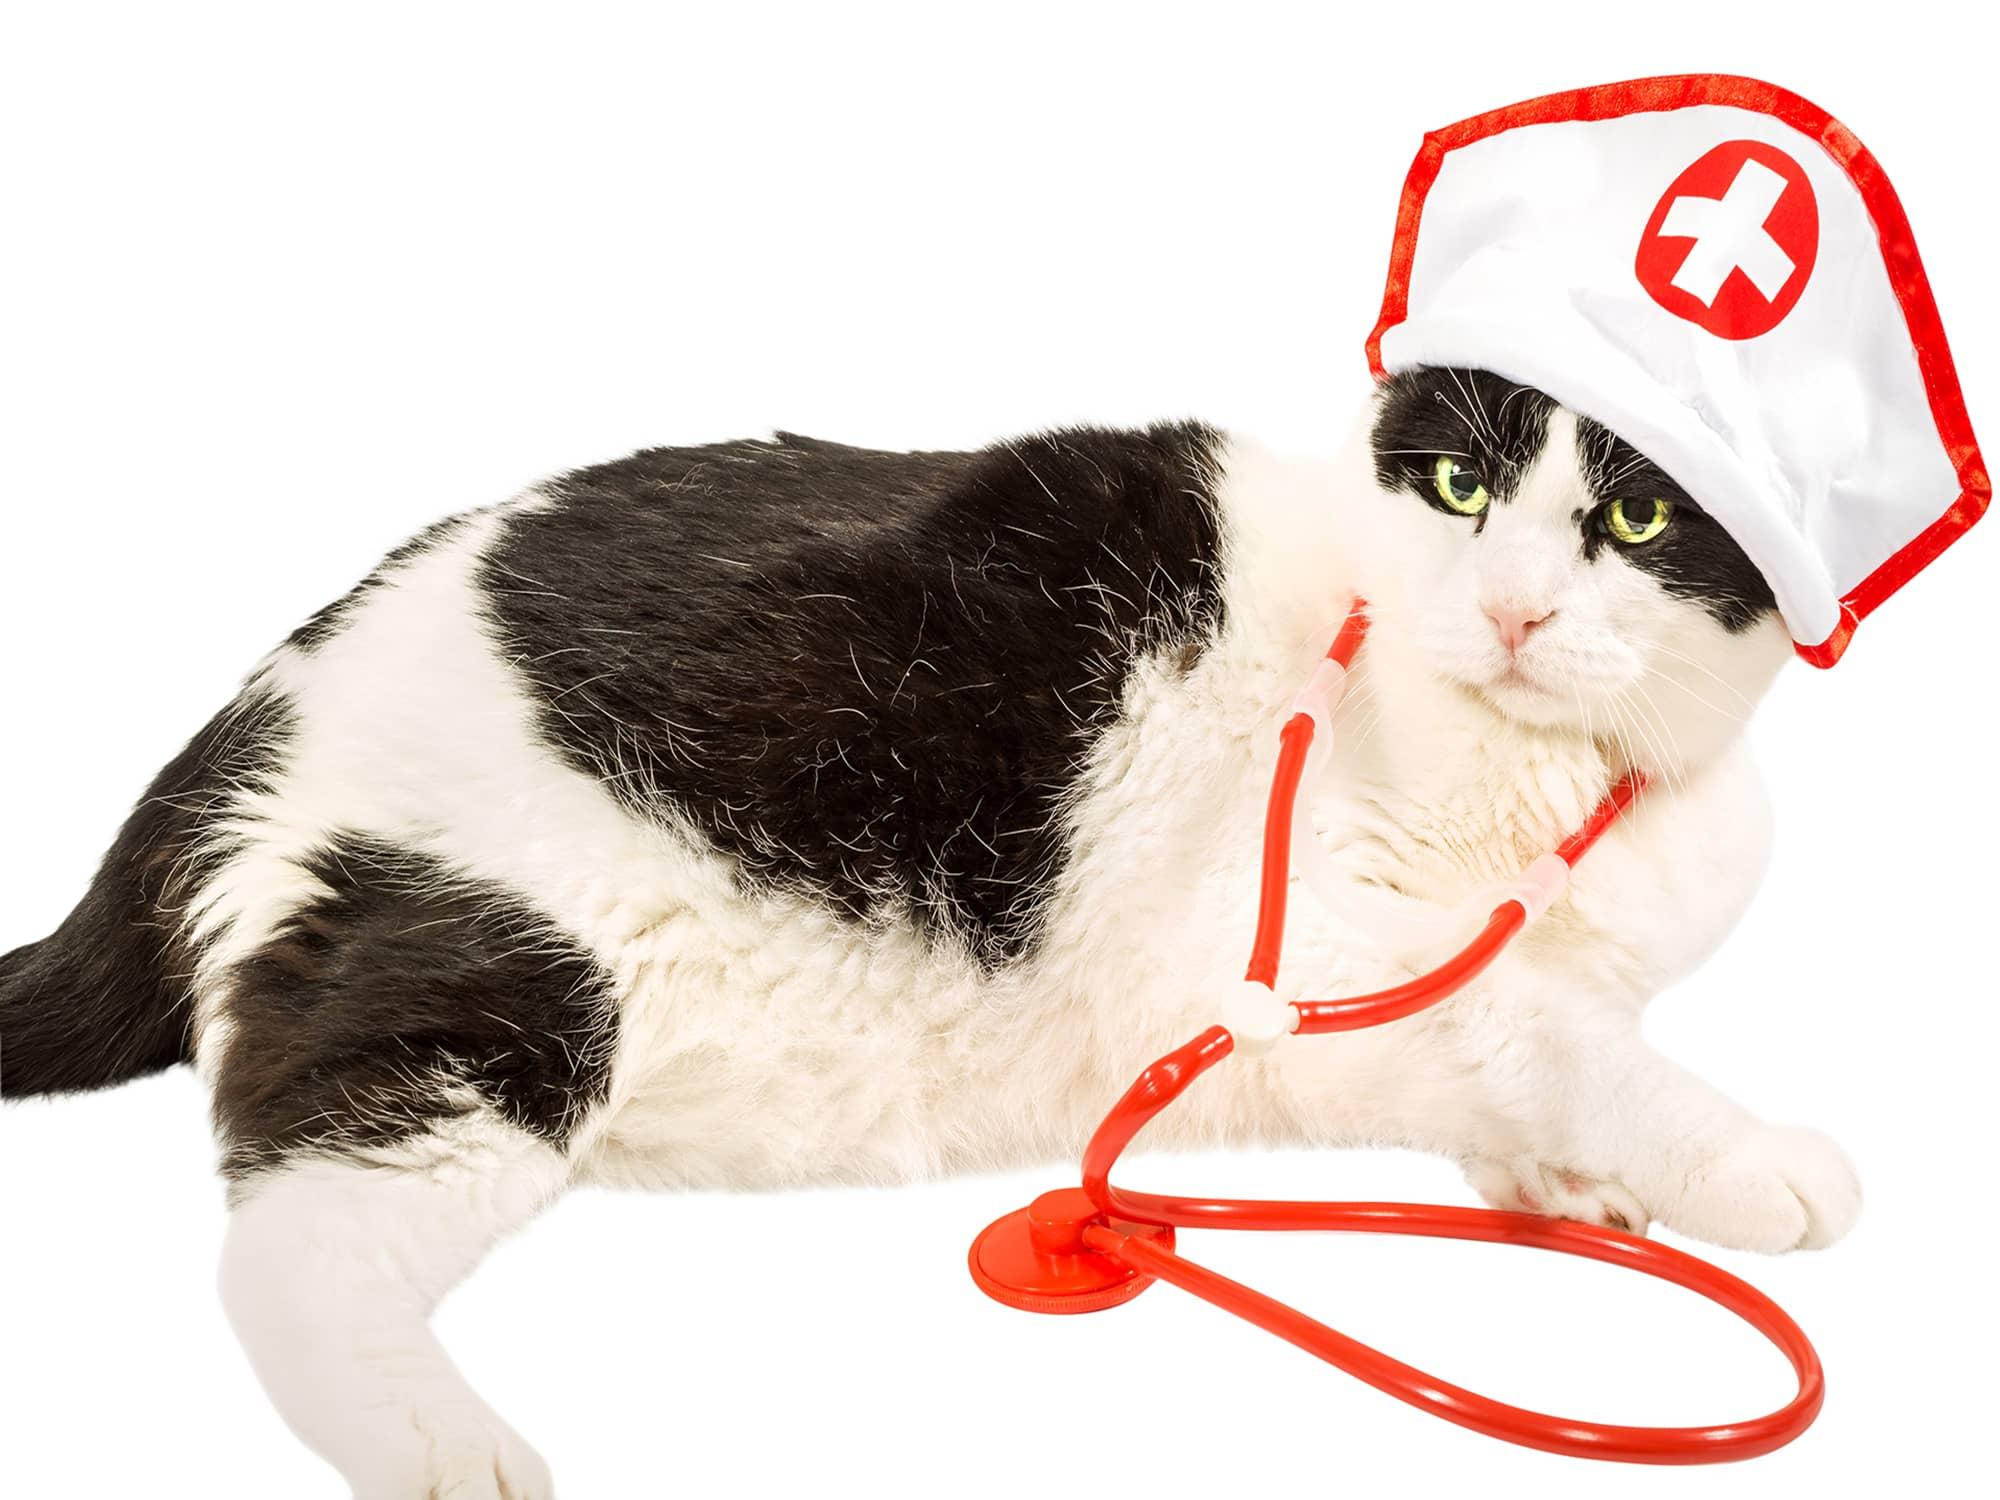 BrainVox - Website Rescue Cat 2